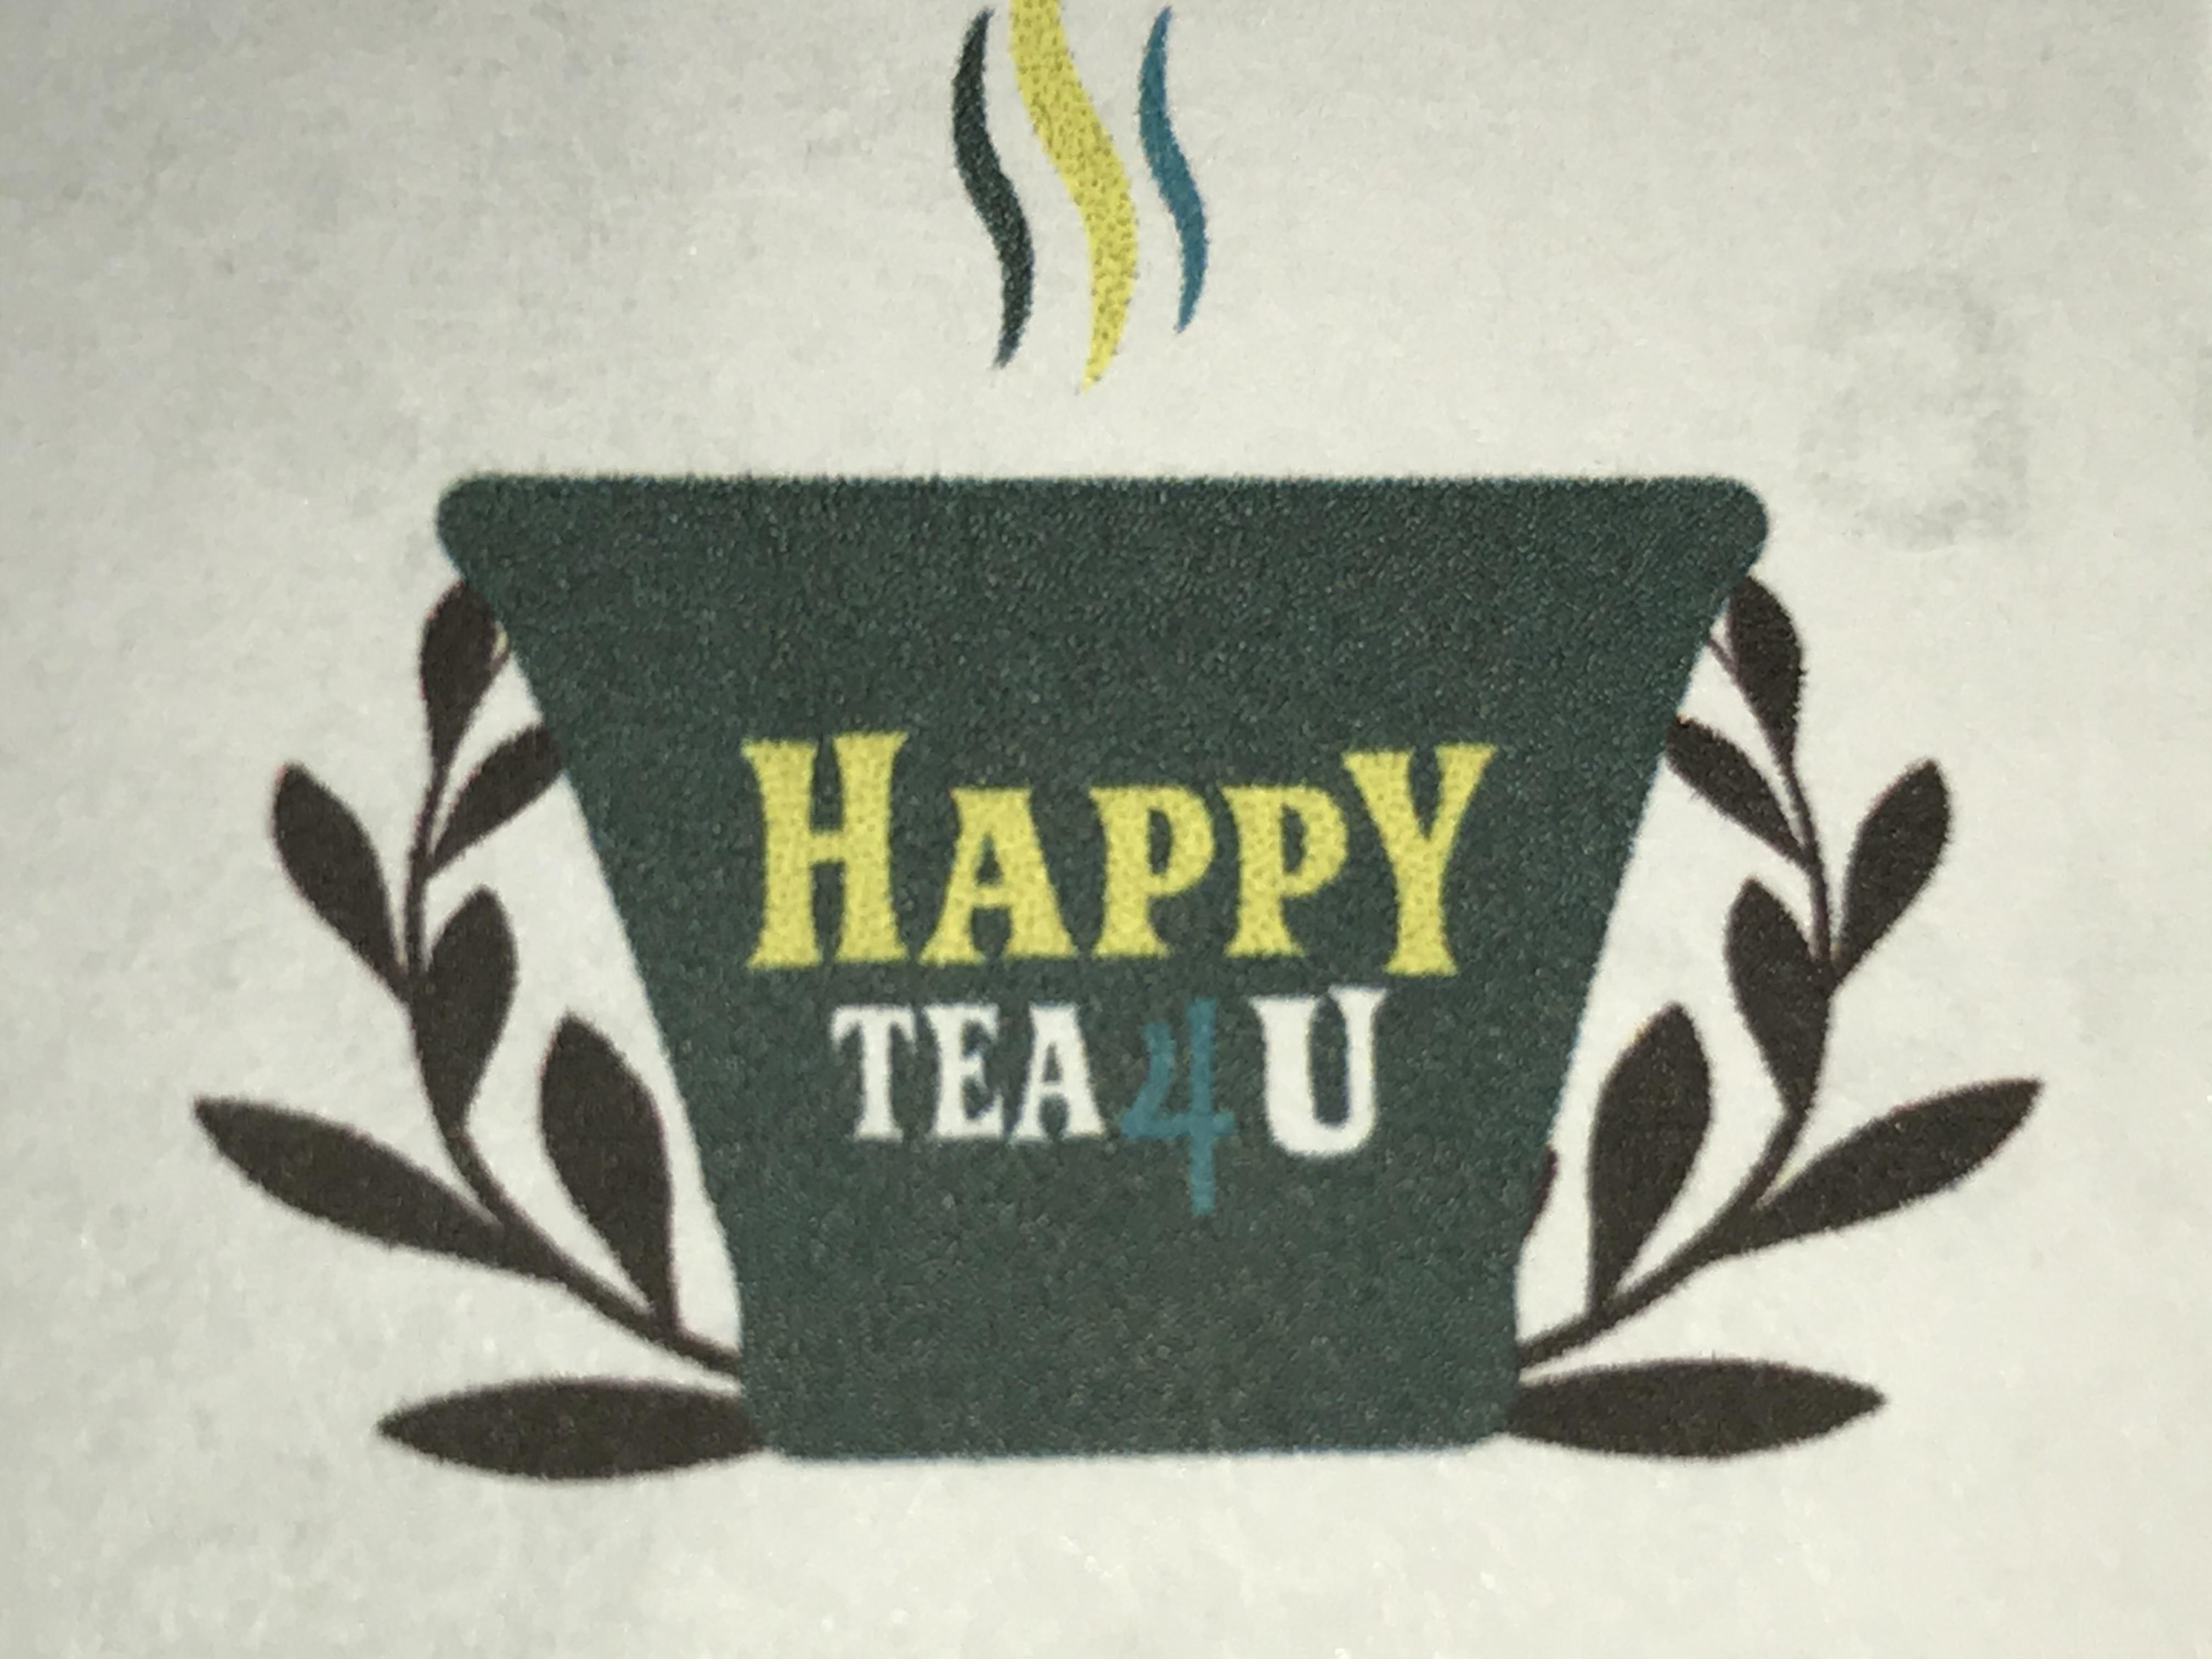 Happy Tea 4 U